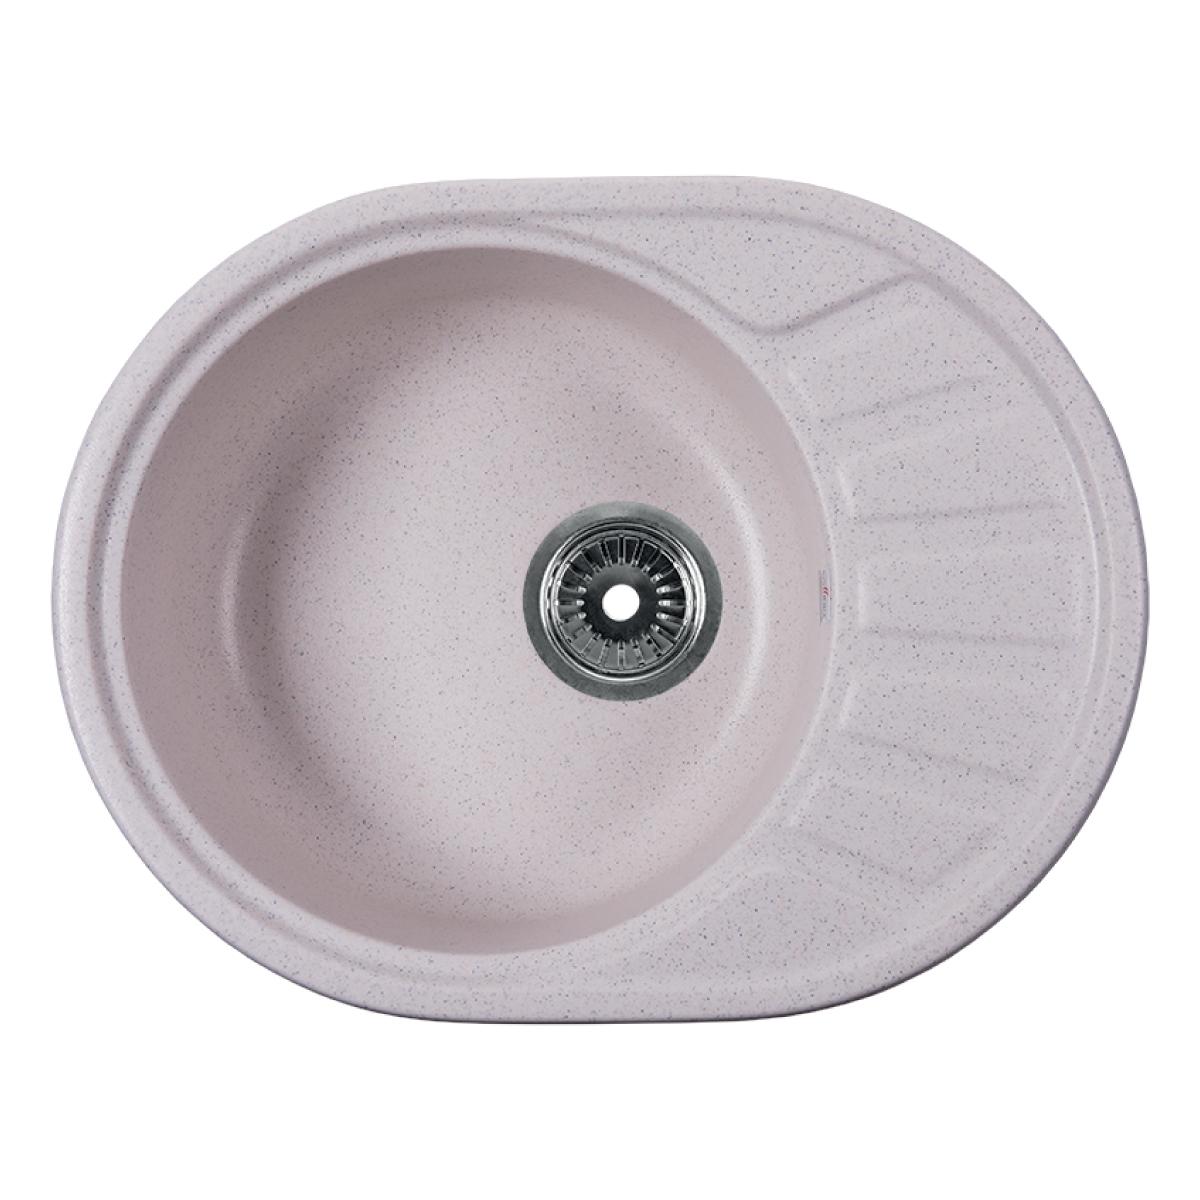 Мойка Rossinka для кухни из исскуственного камня круглая, с крылом, реверсивная, с сифоном, RS58-45RW-White